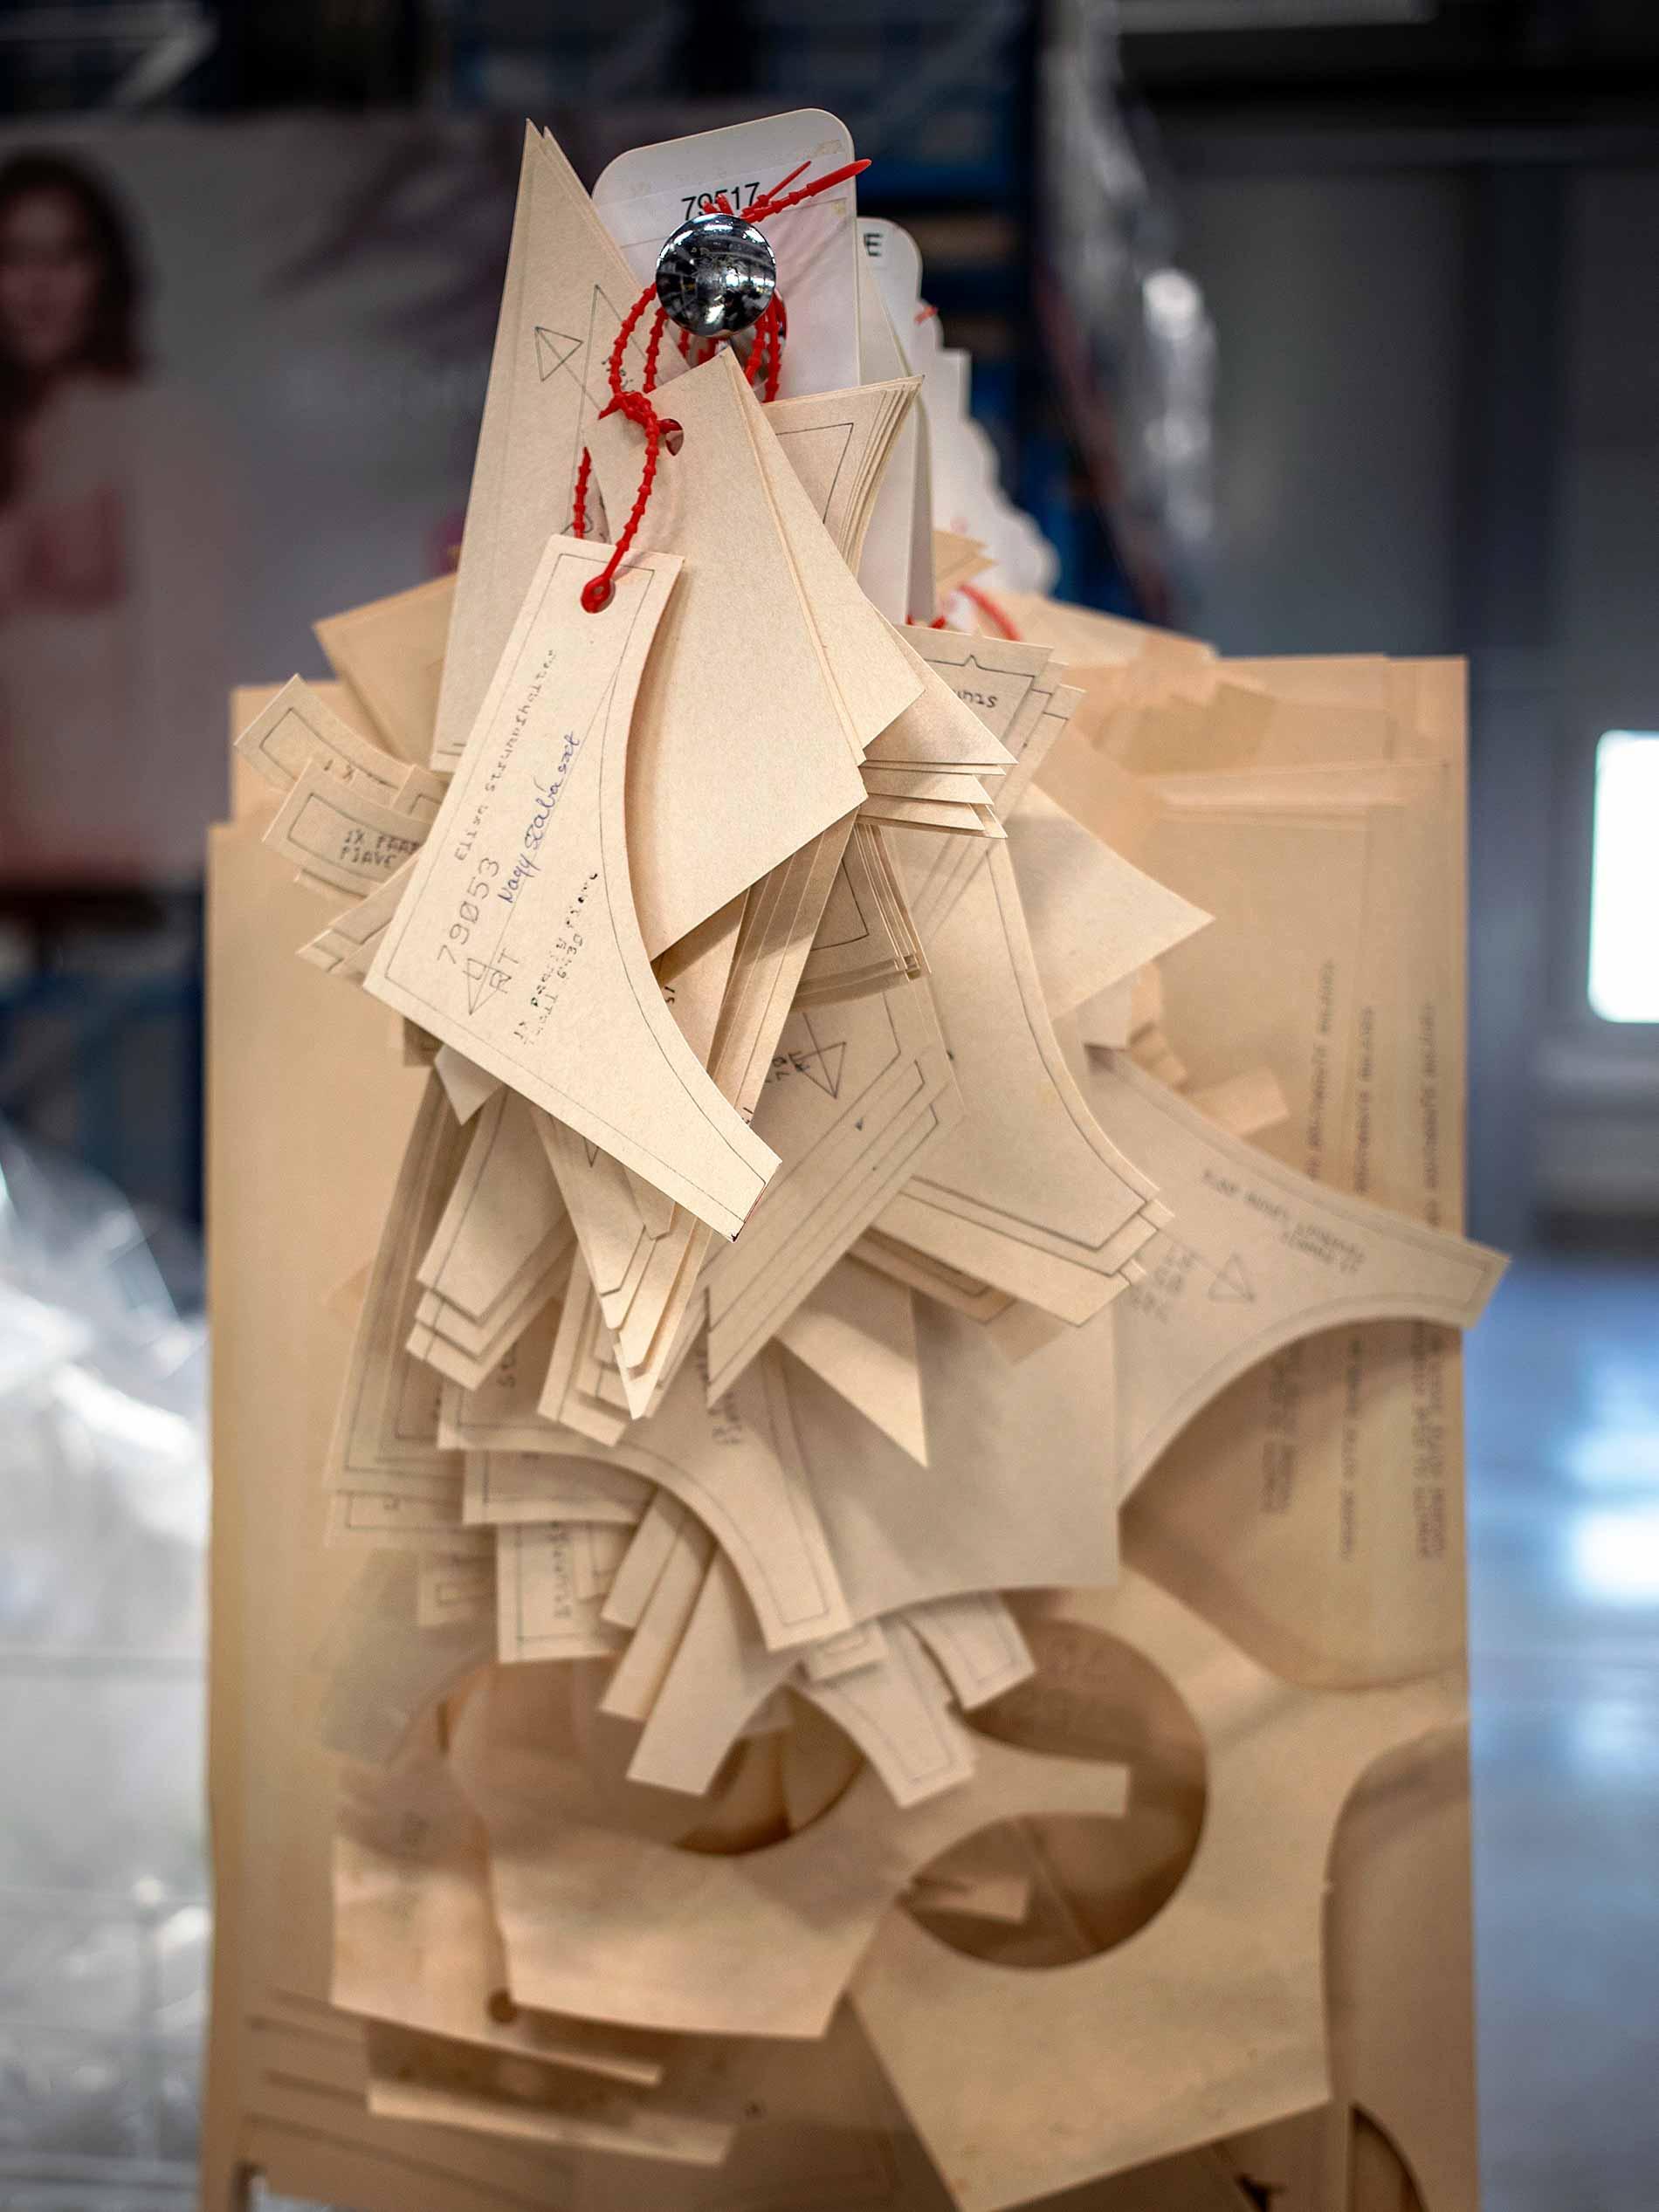 Zuschnitt-Vorlagen aus hellbraunem Karton hängen aufgereiht auf einer Kleiderstange | mey®